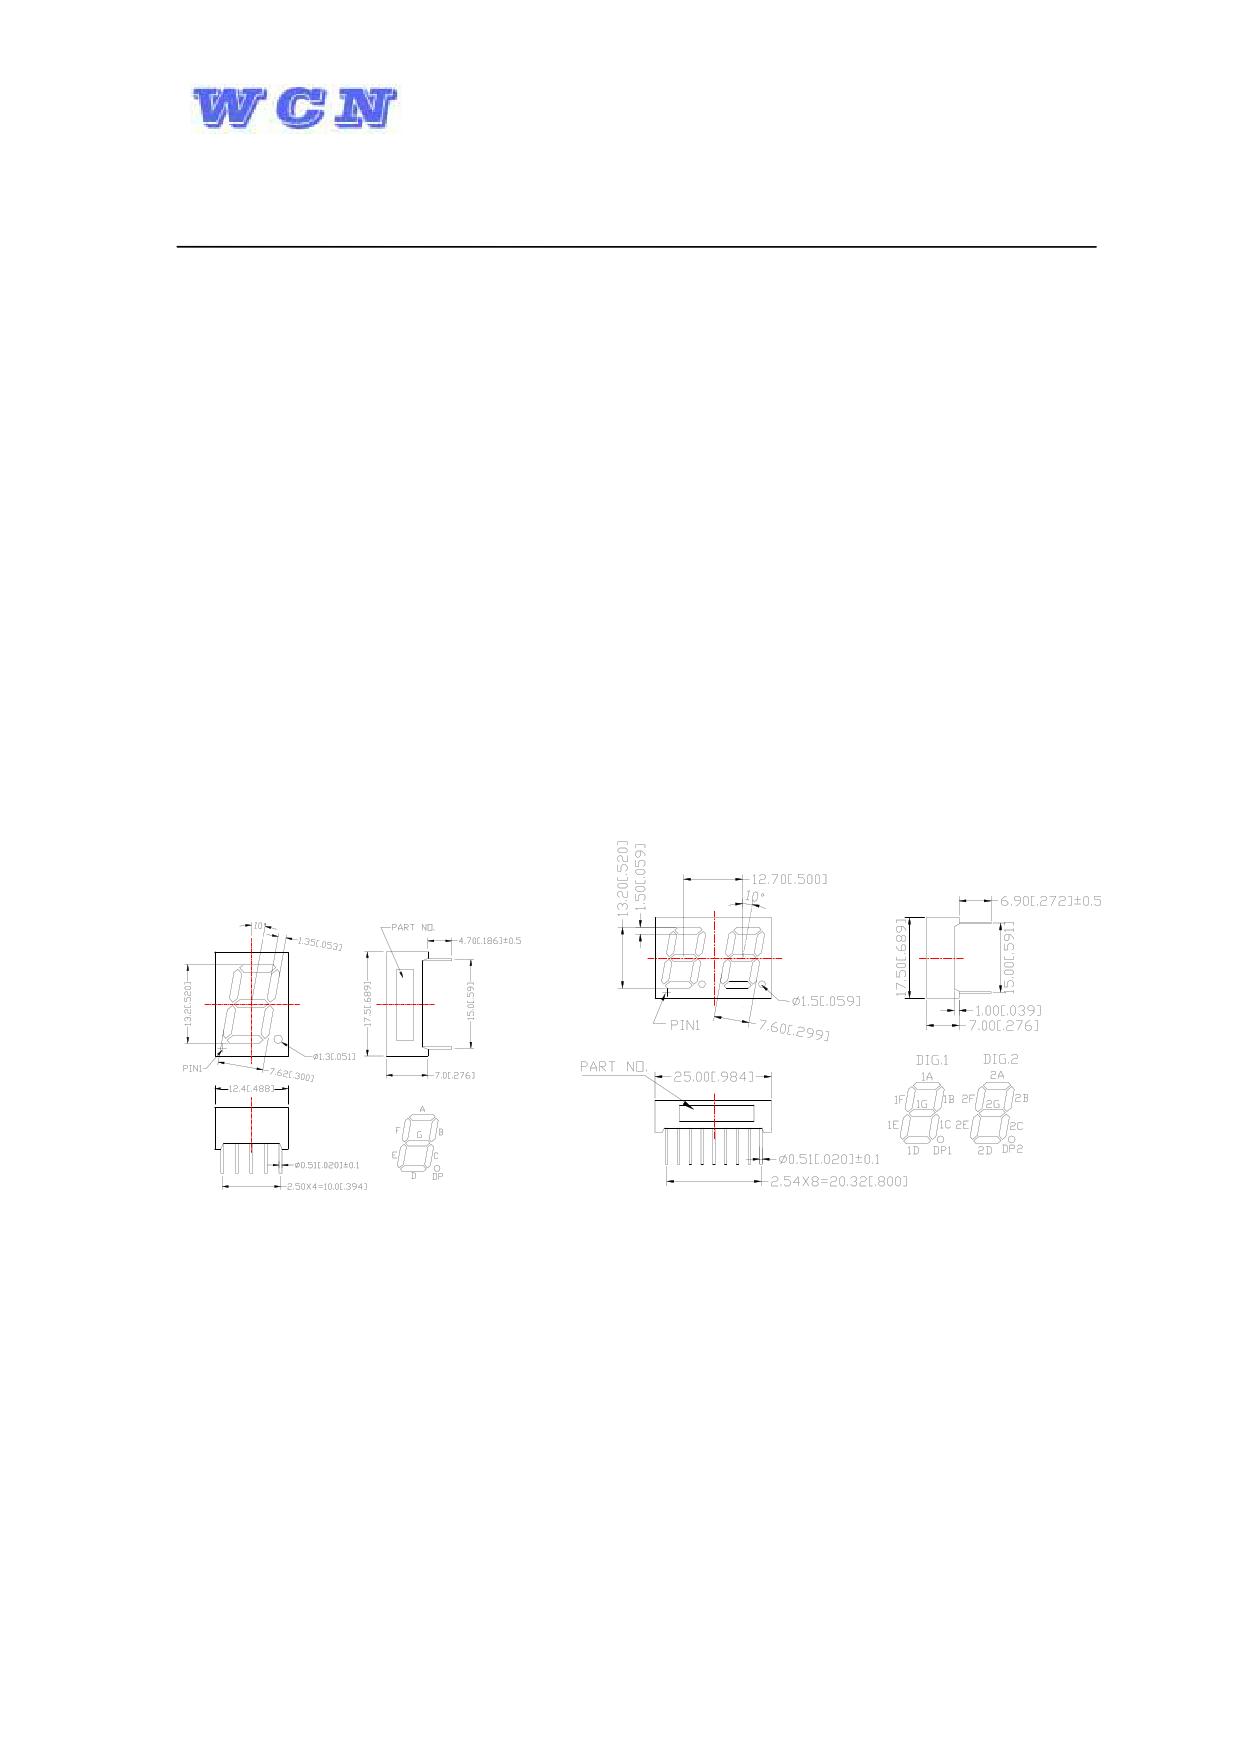 WCN2-0052HO-C11 datasheet